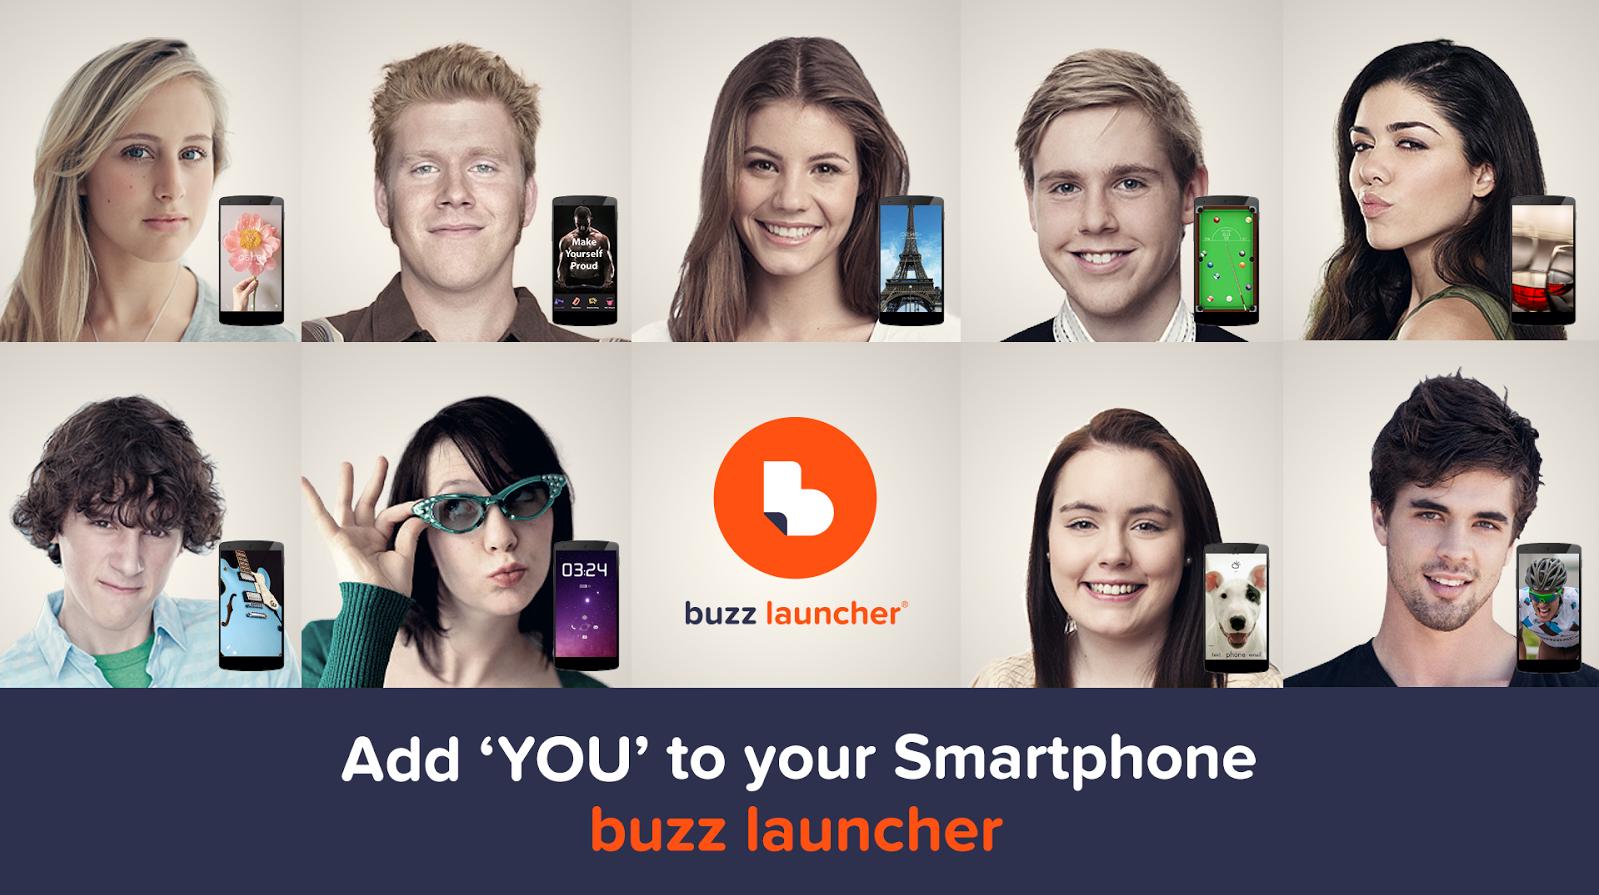 أفضل خمس لانشرات لهواتف Android (الجزء الثاني)